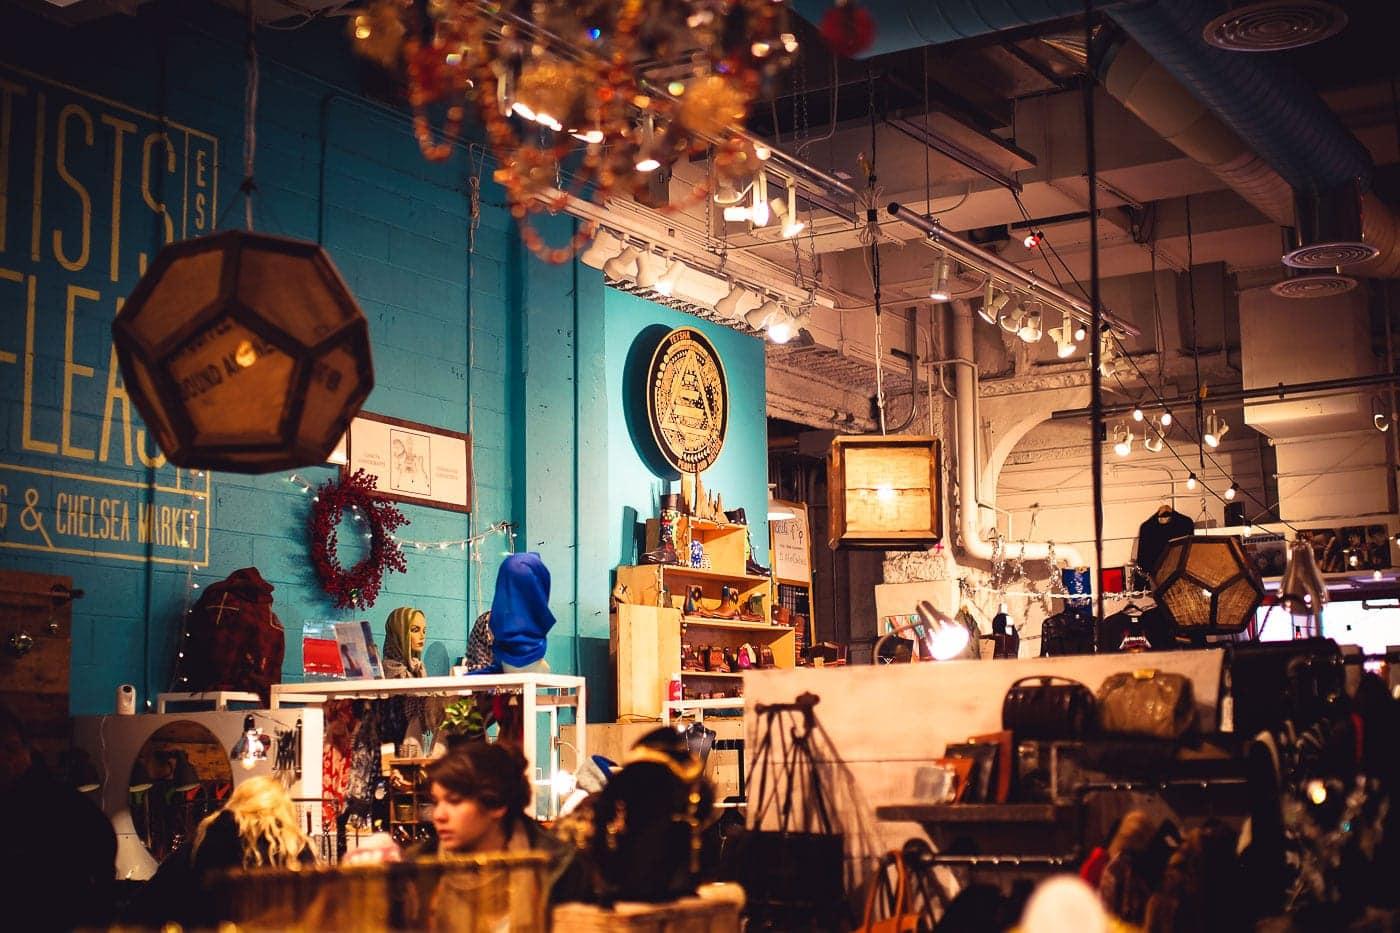 Chelsea Market - Roteiro de 7 dias em Nova York: o que fazer em uma semana em NYC